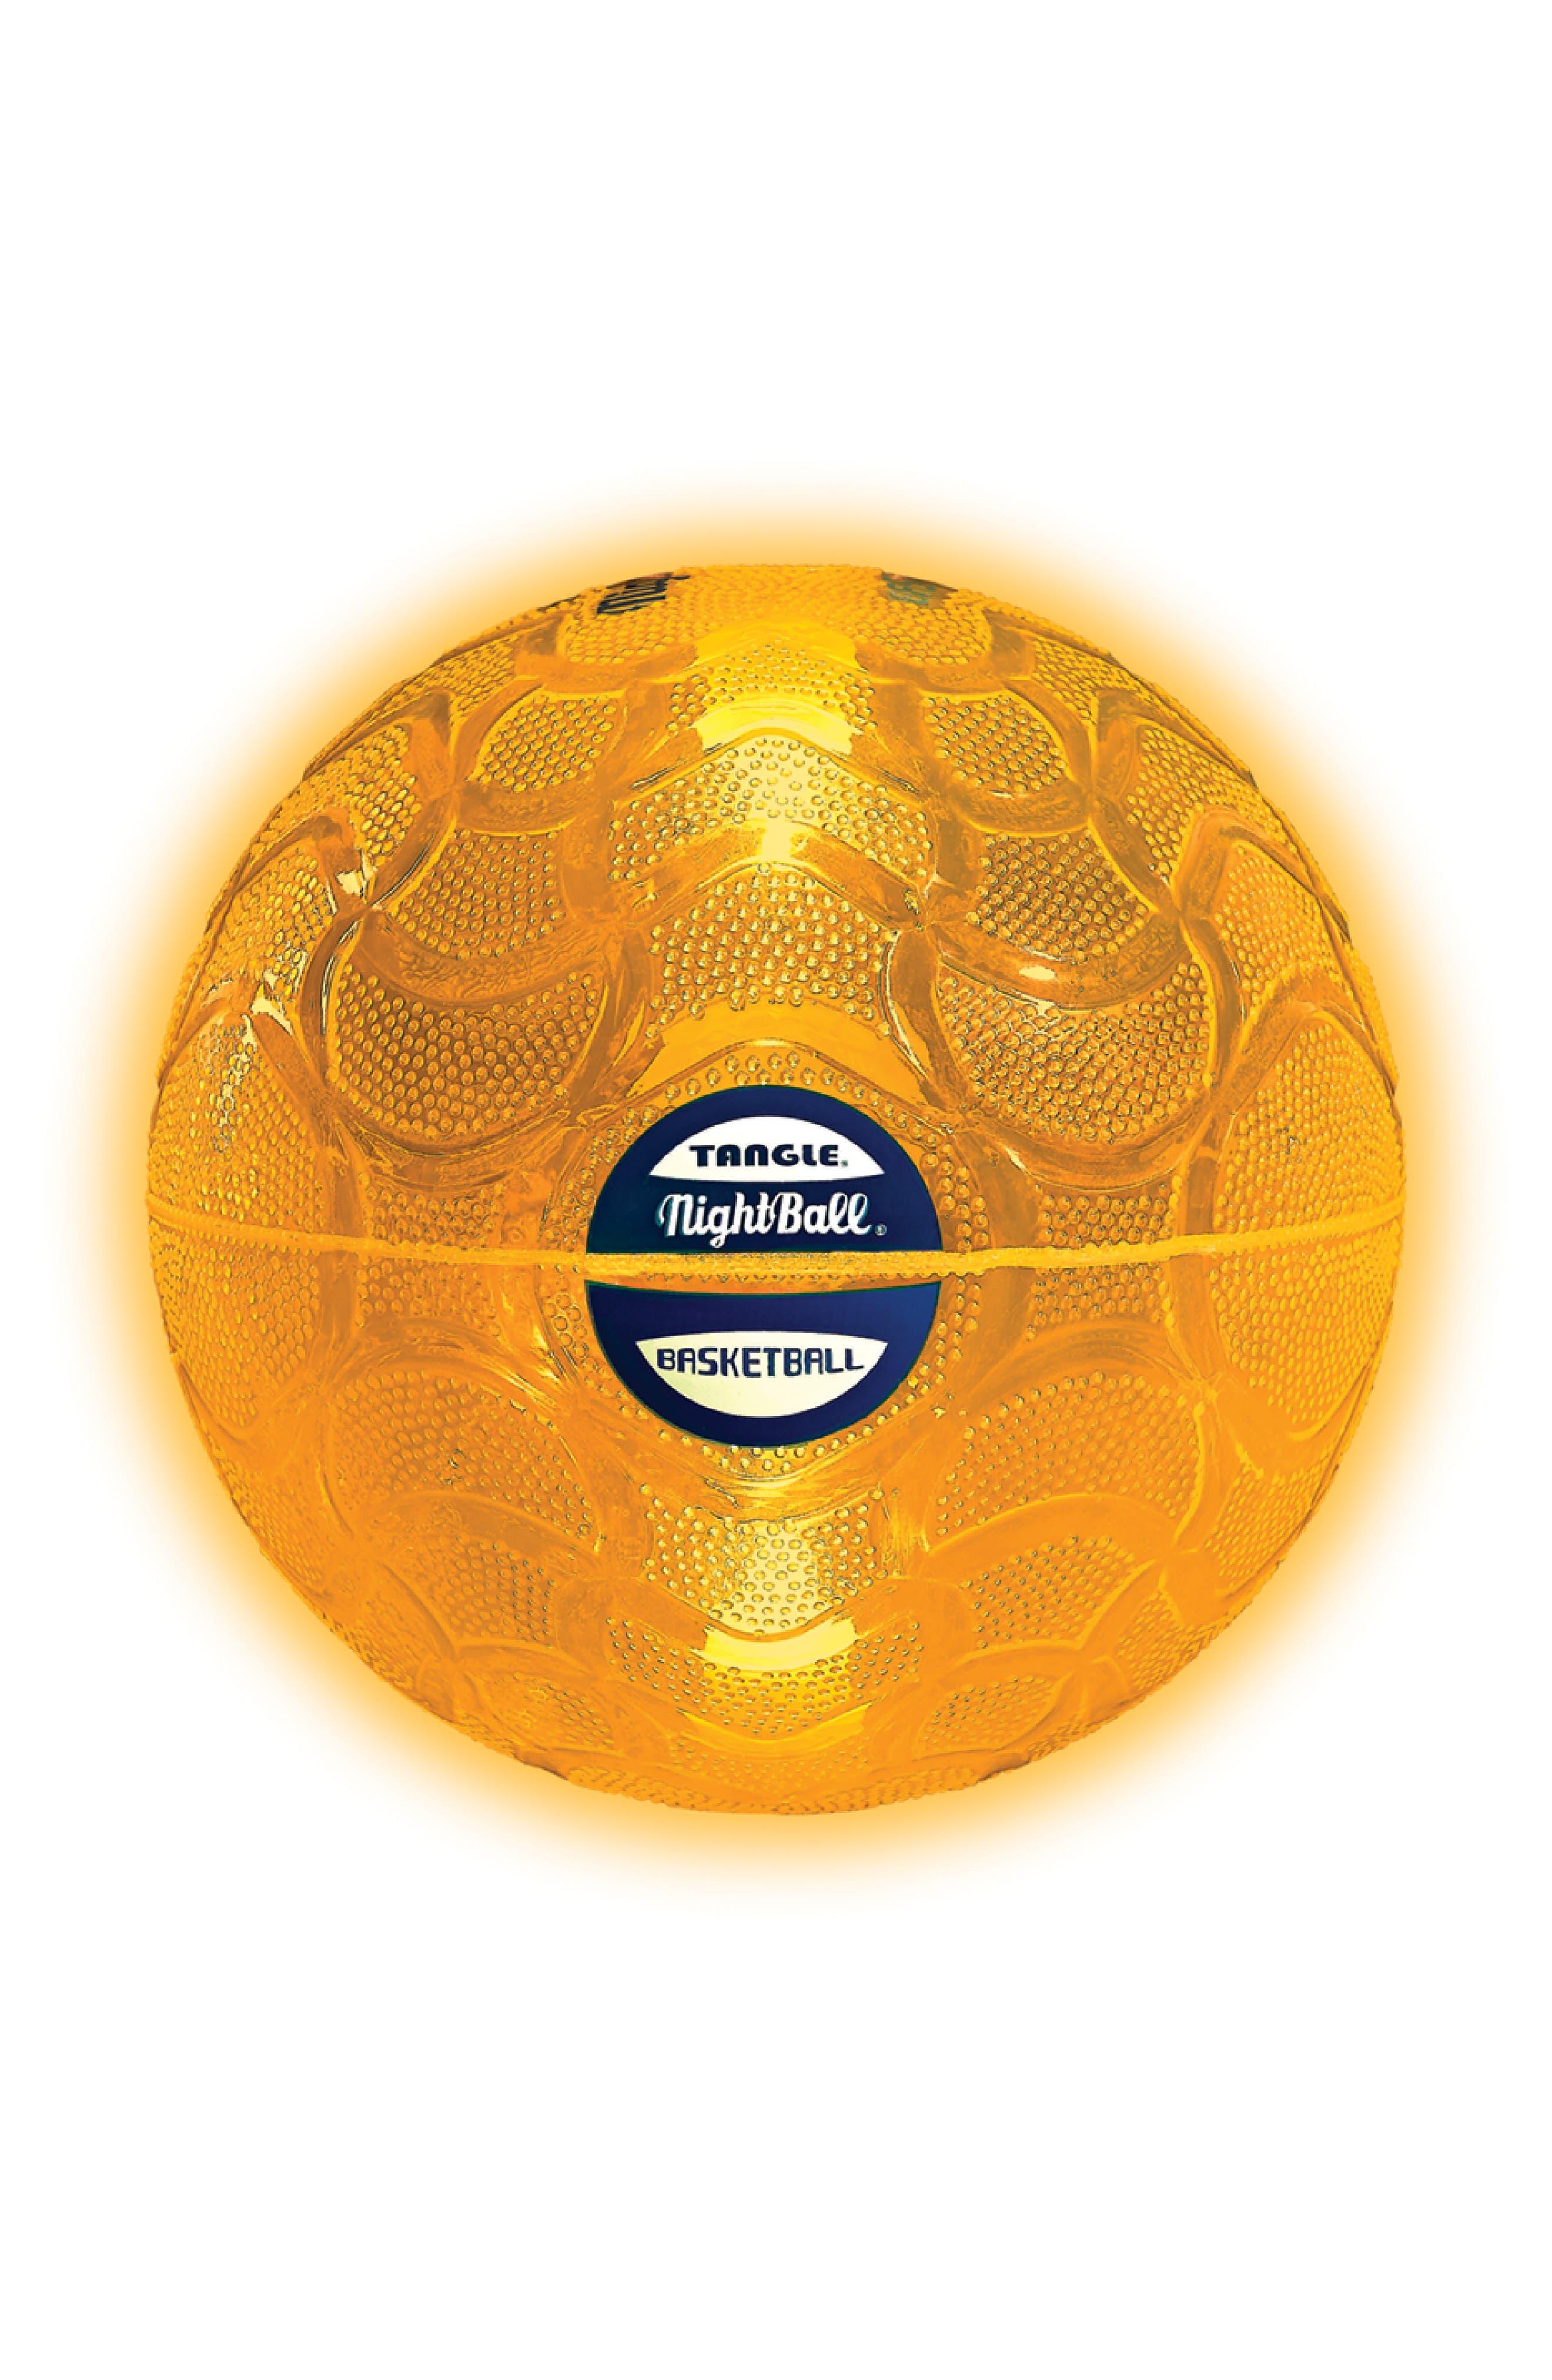 Main Image - Tangle NightBall Basketball